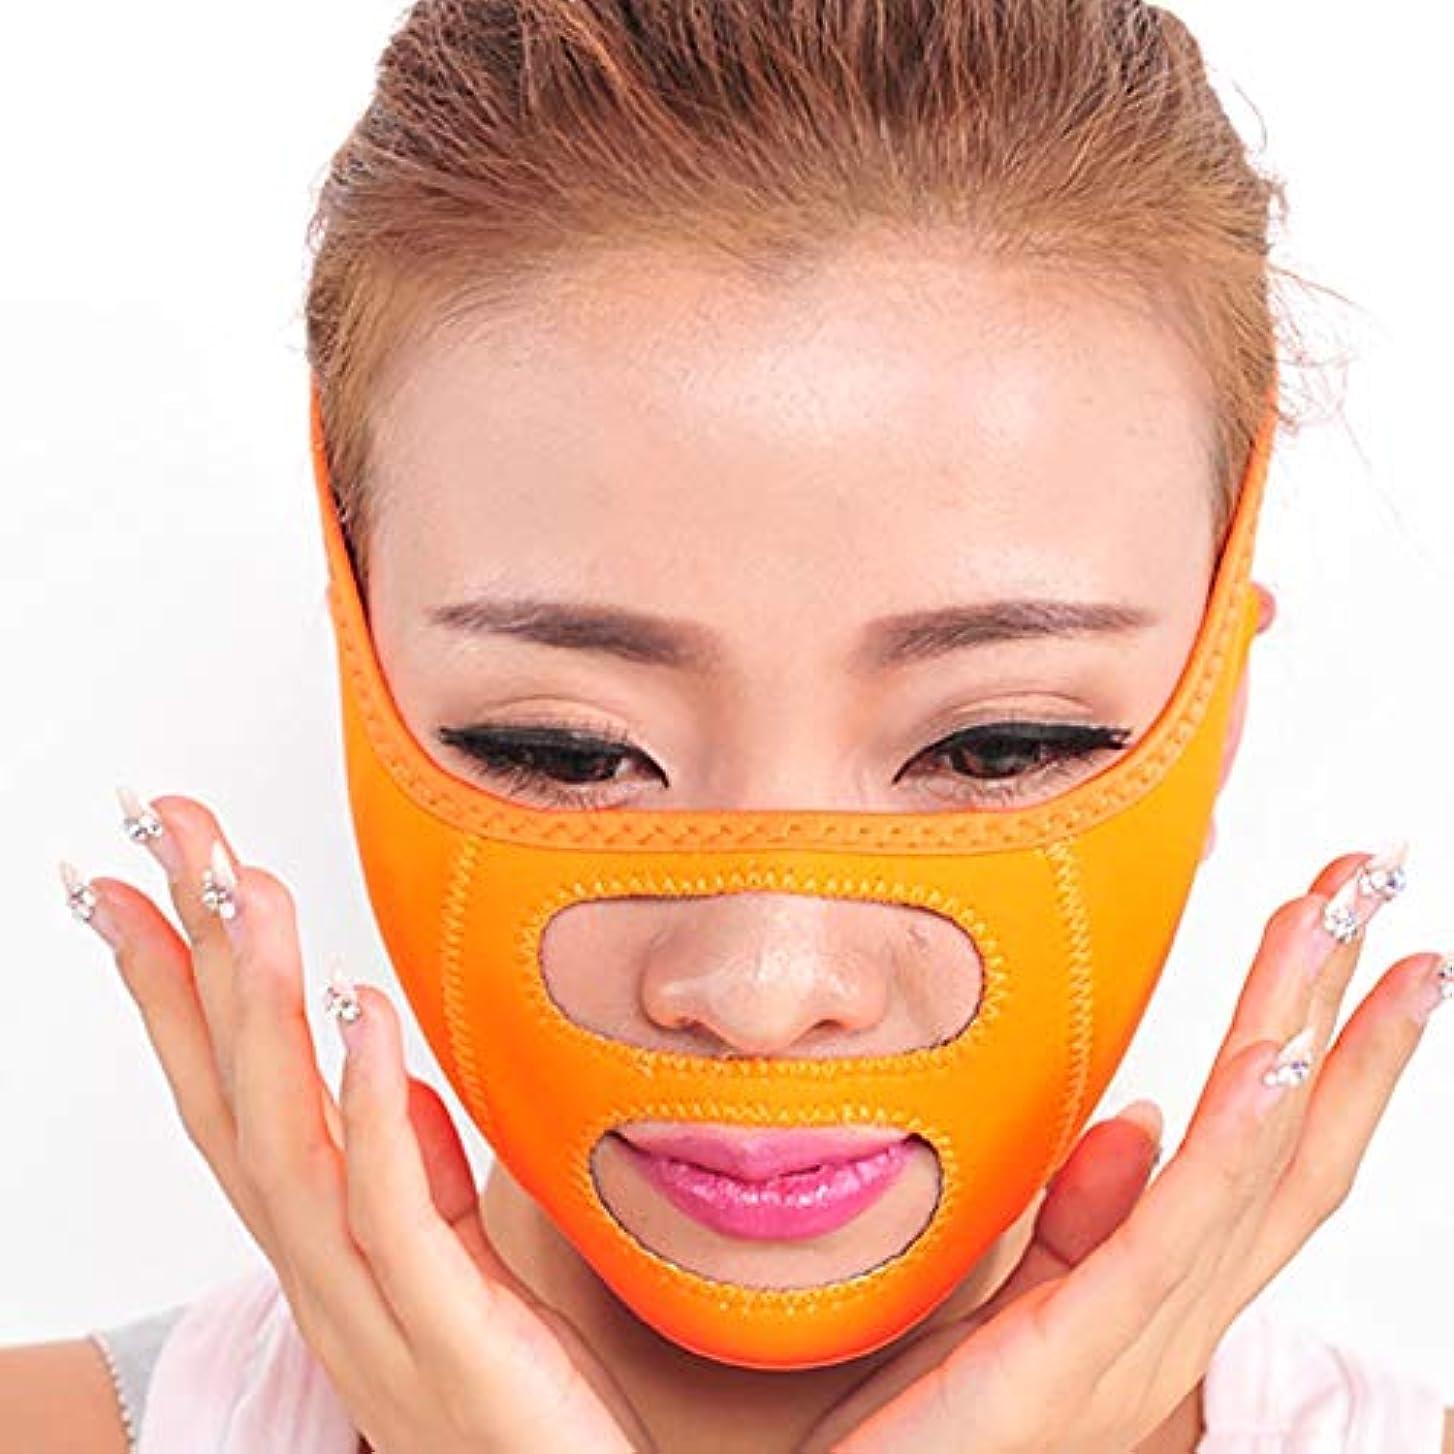 実行申し立てる予測するVラインマスク、ネックマスクフェイスリフトVリフティングチンアップパッチダブルチンリデューサーネックリフト,Orange